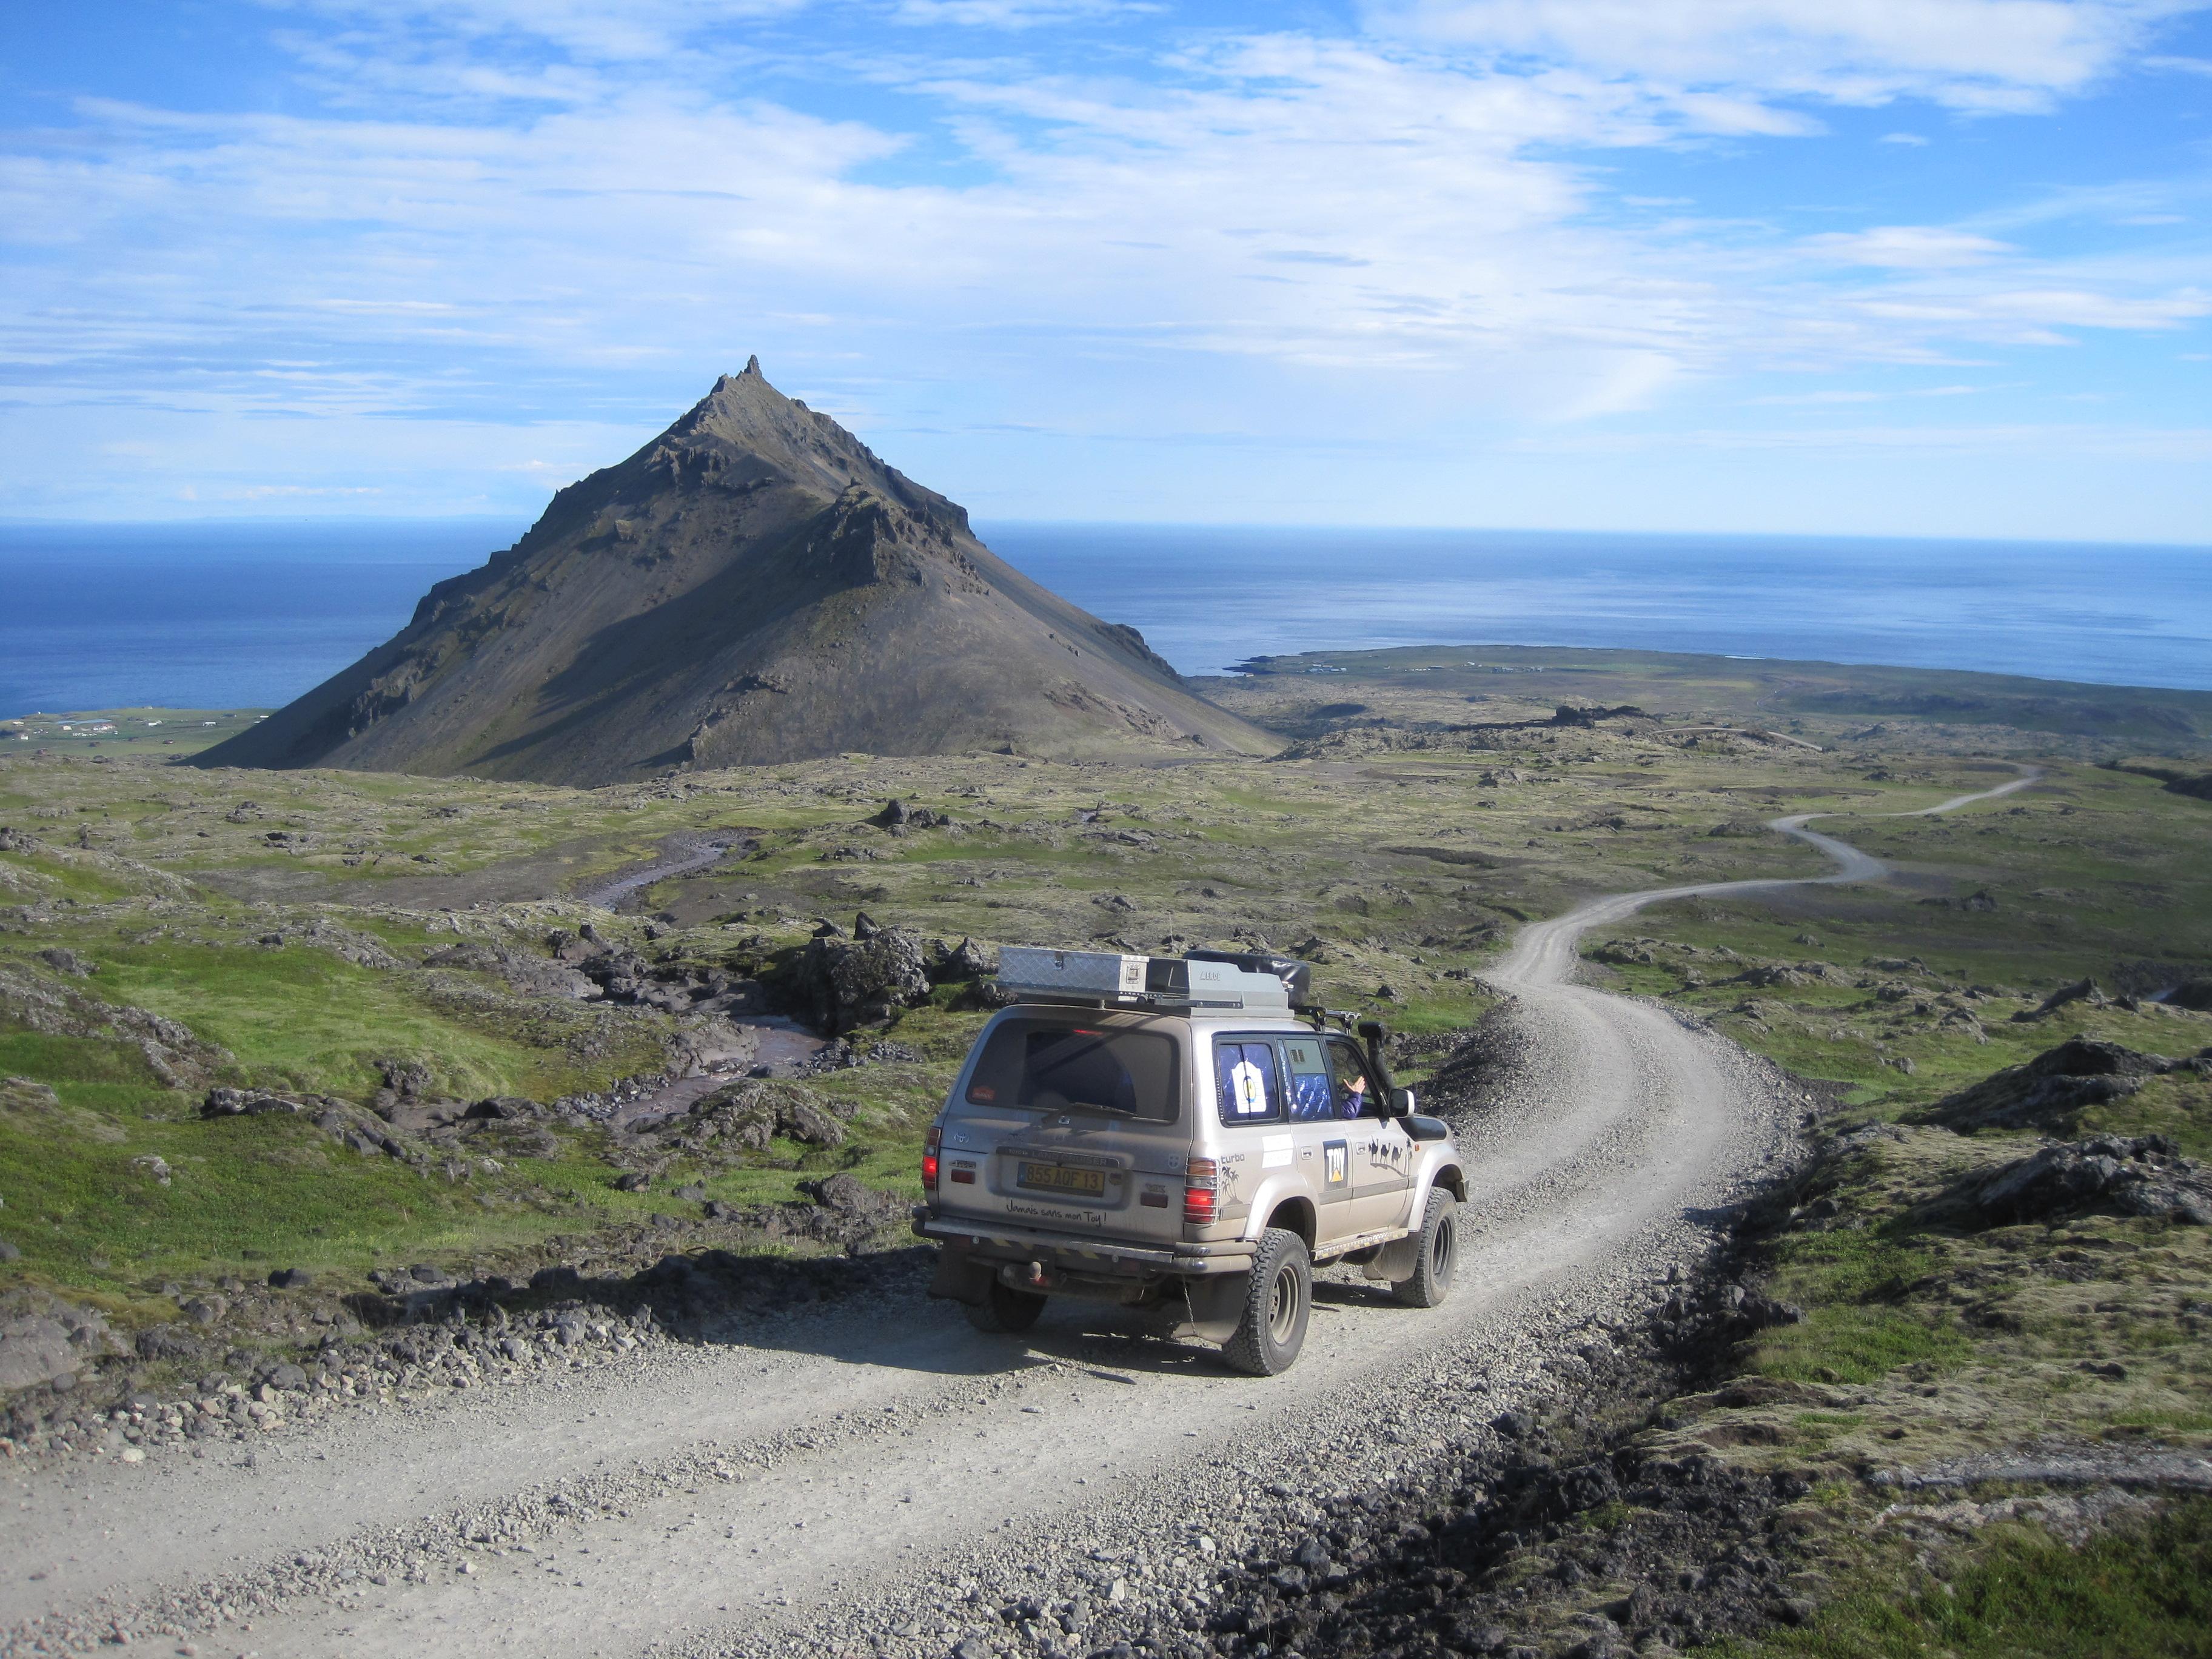 4x4 sur une piste gravillonnée allant vers la mer au soleil pendant le raid 4x4 Hekla Islande, Mai 2020